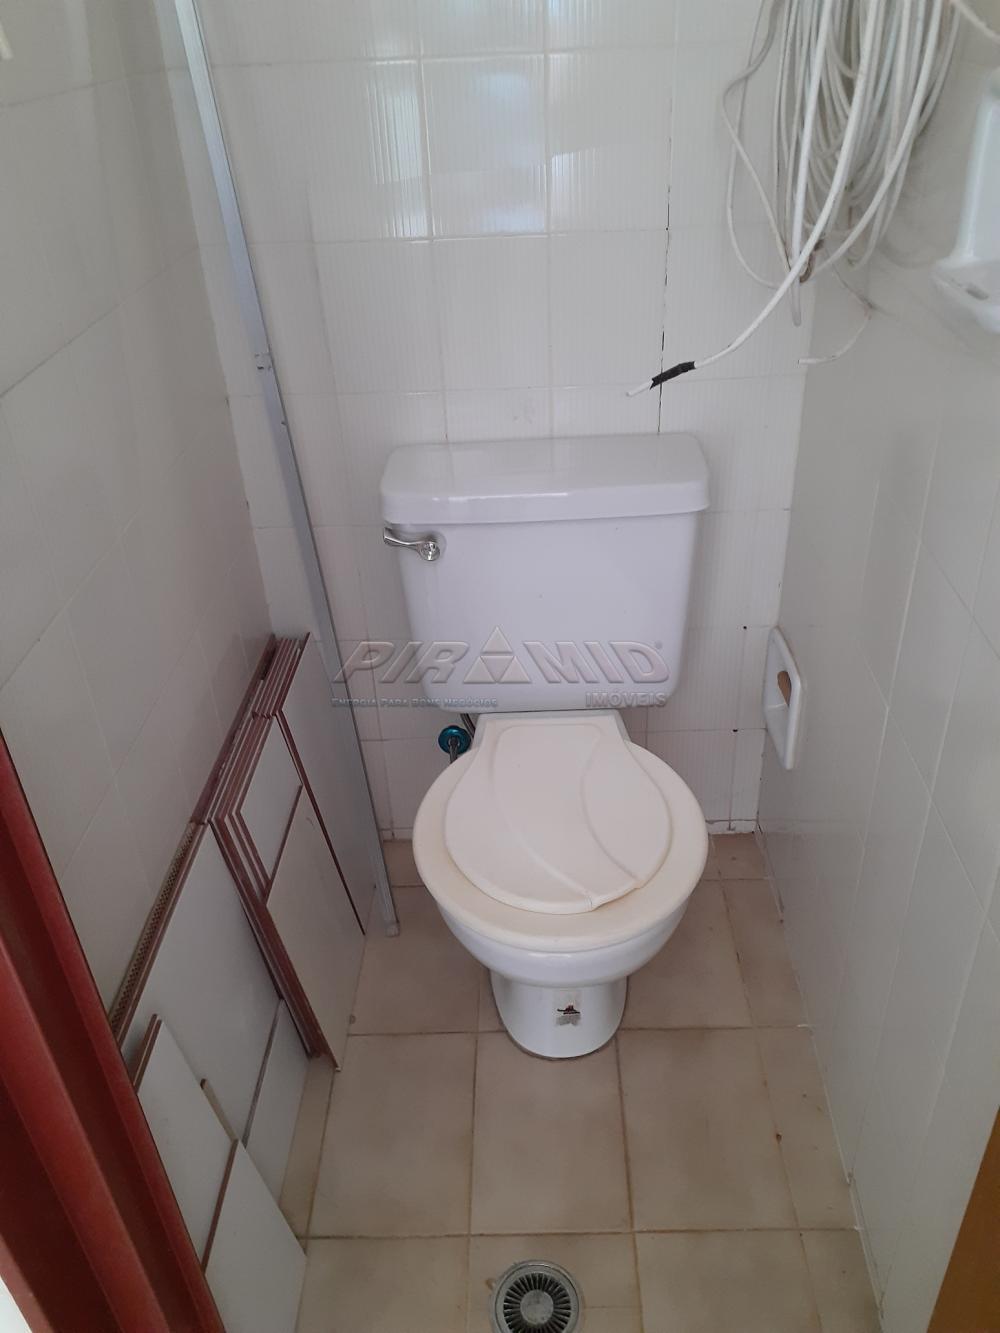 Comprar Apartamento / Padrão em Ribeirão Preto R$ 220.000,00 - Foto 13